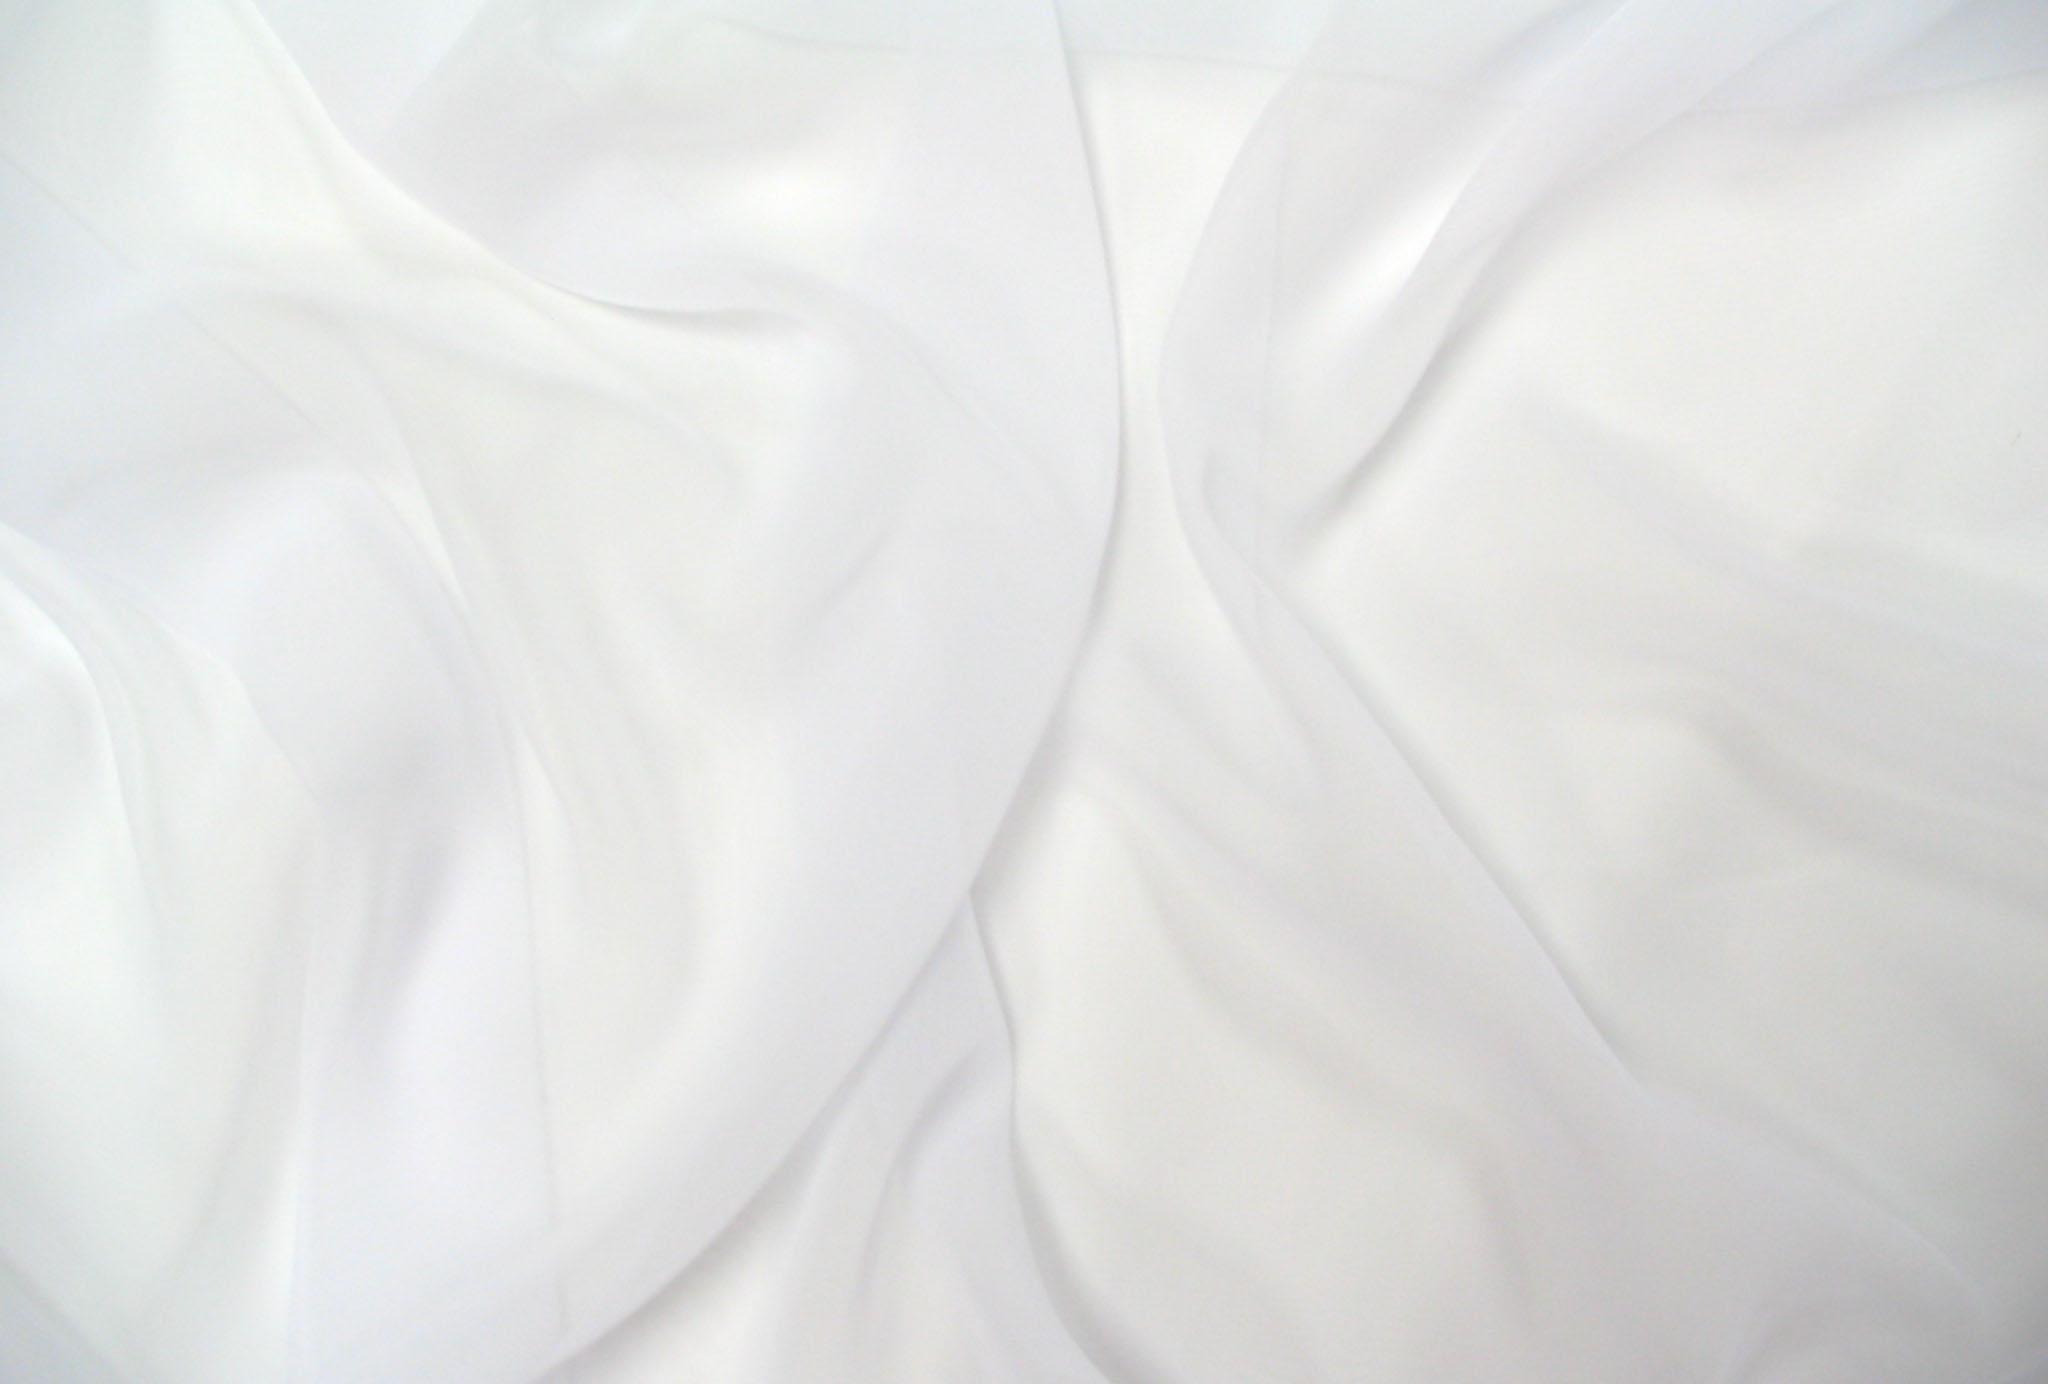 50yd Sale Silk Chiffon Fabric White Bridal Gown Curtain Ebay